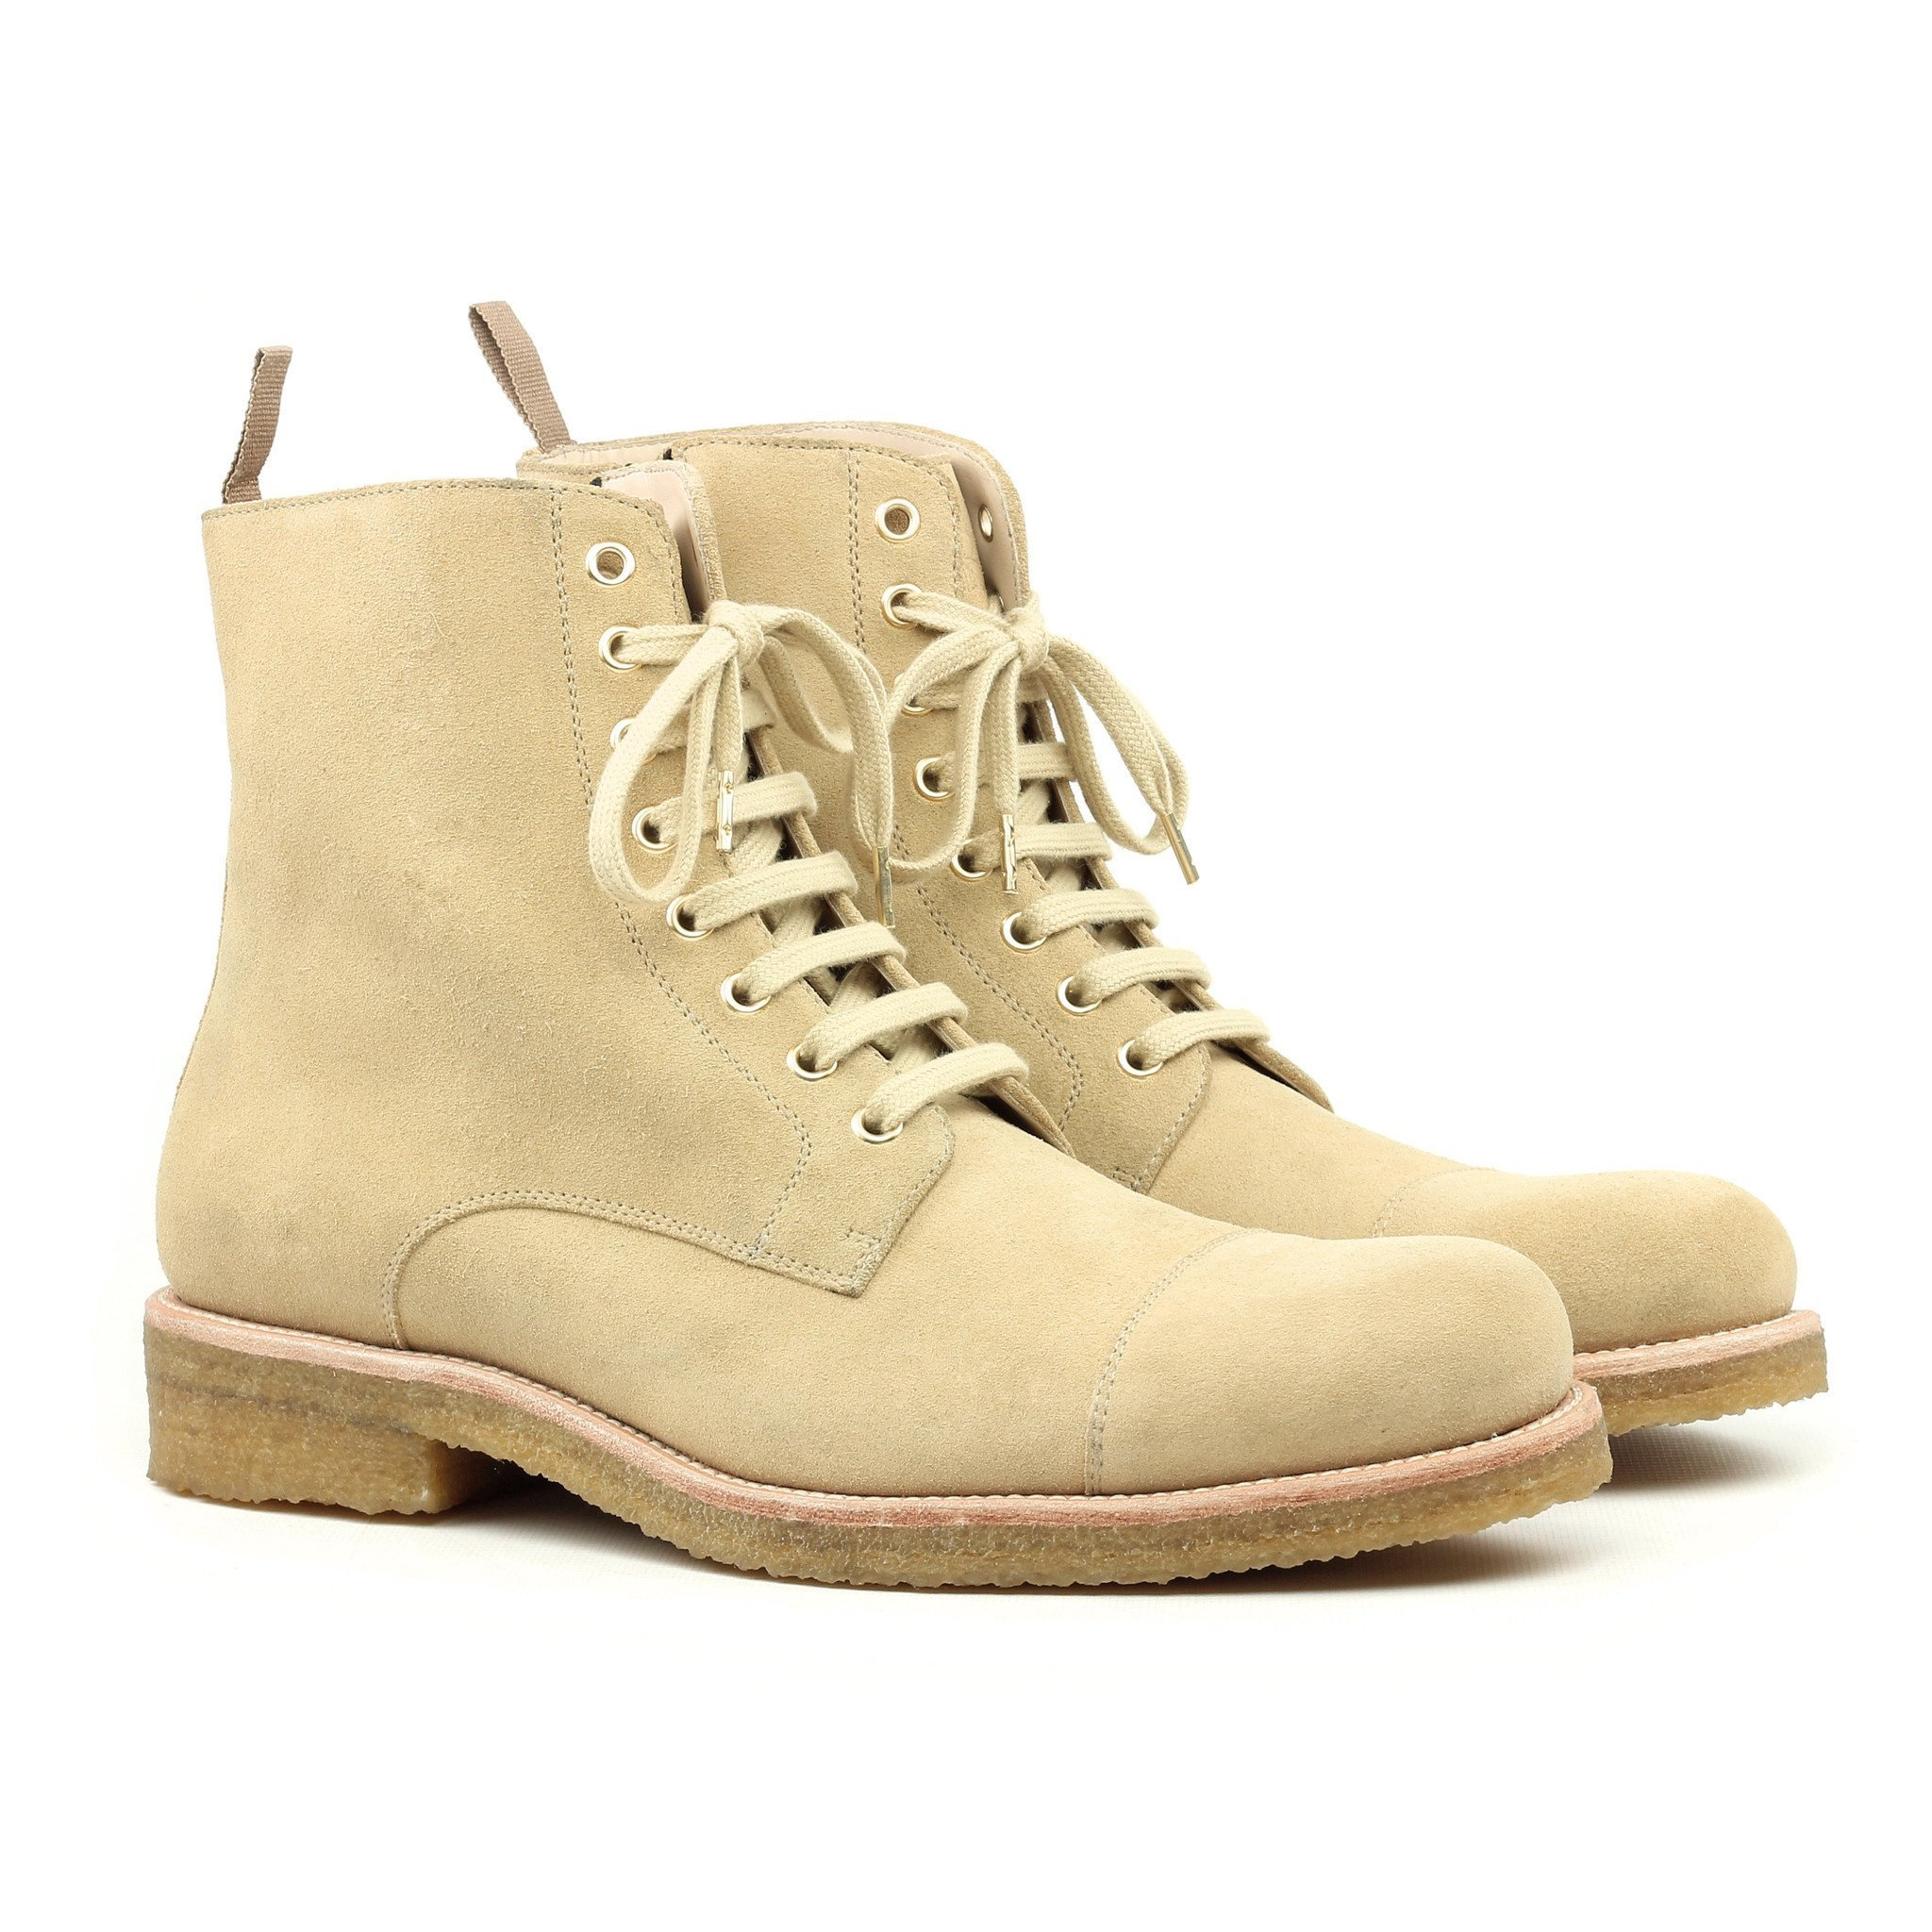 beige boots ... the beige crepe combat boots ... JCRABBS